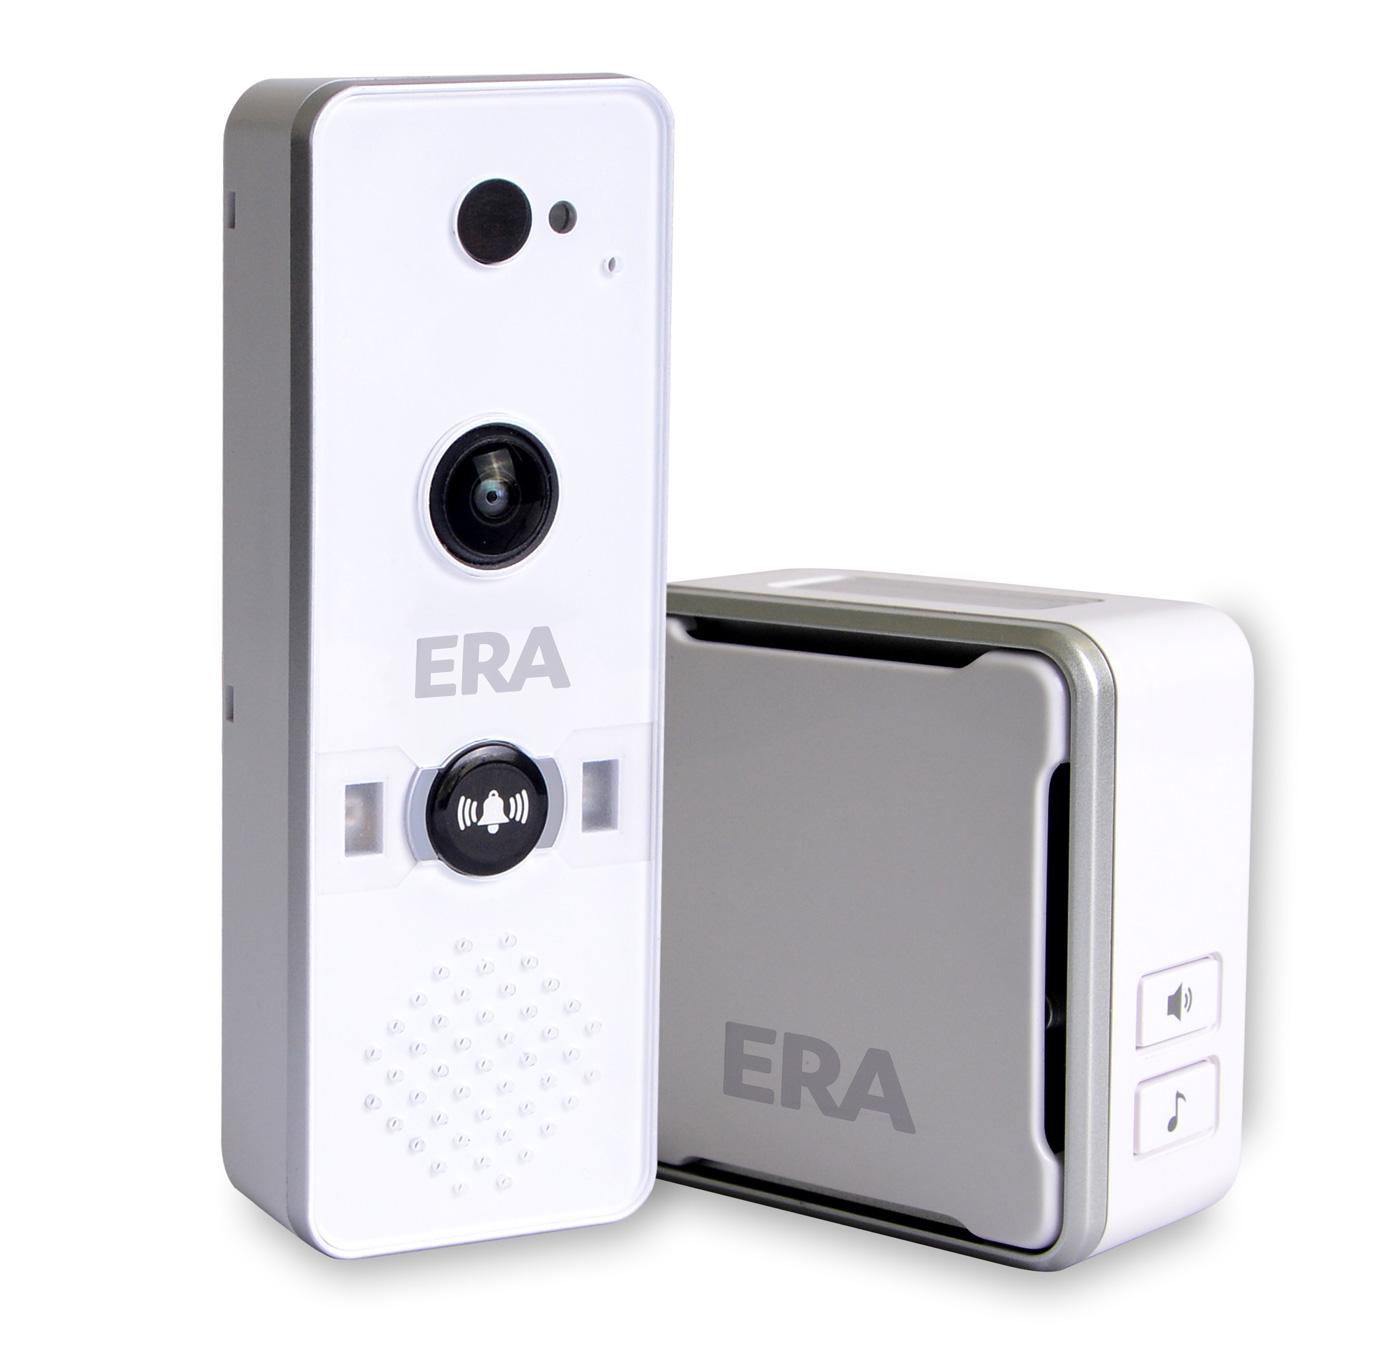 DoorCam Smart Home WiFi Video Doorbell